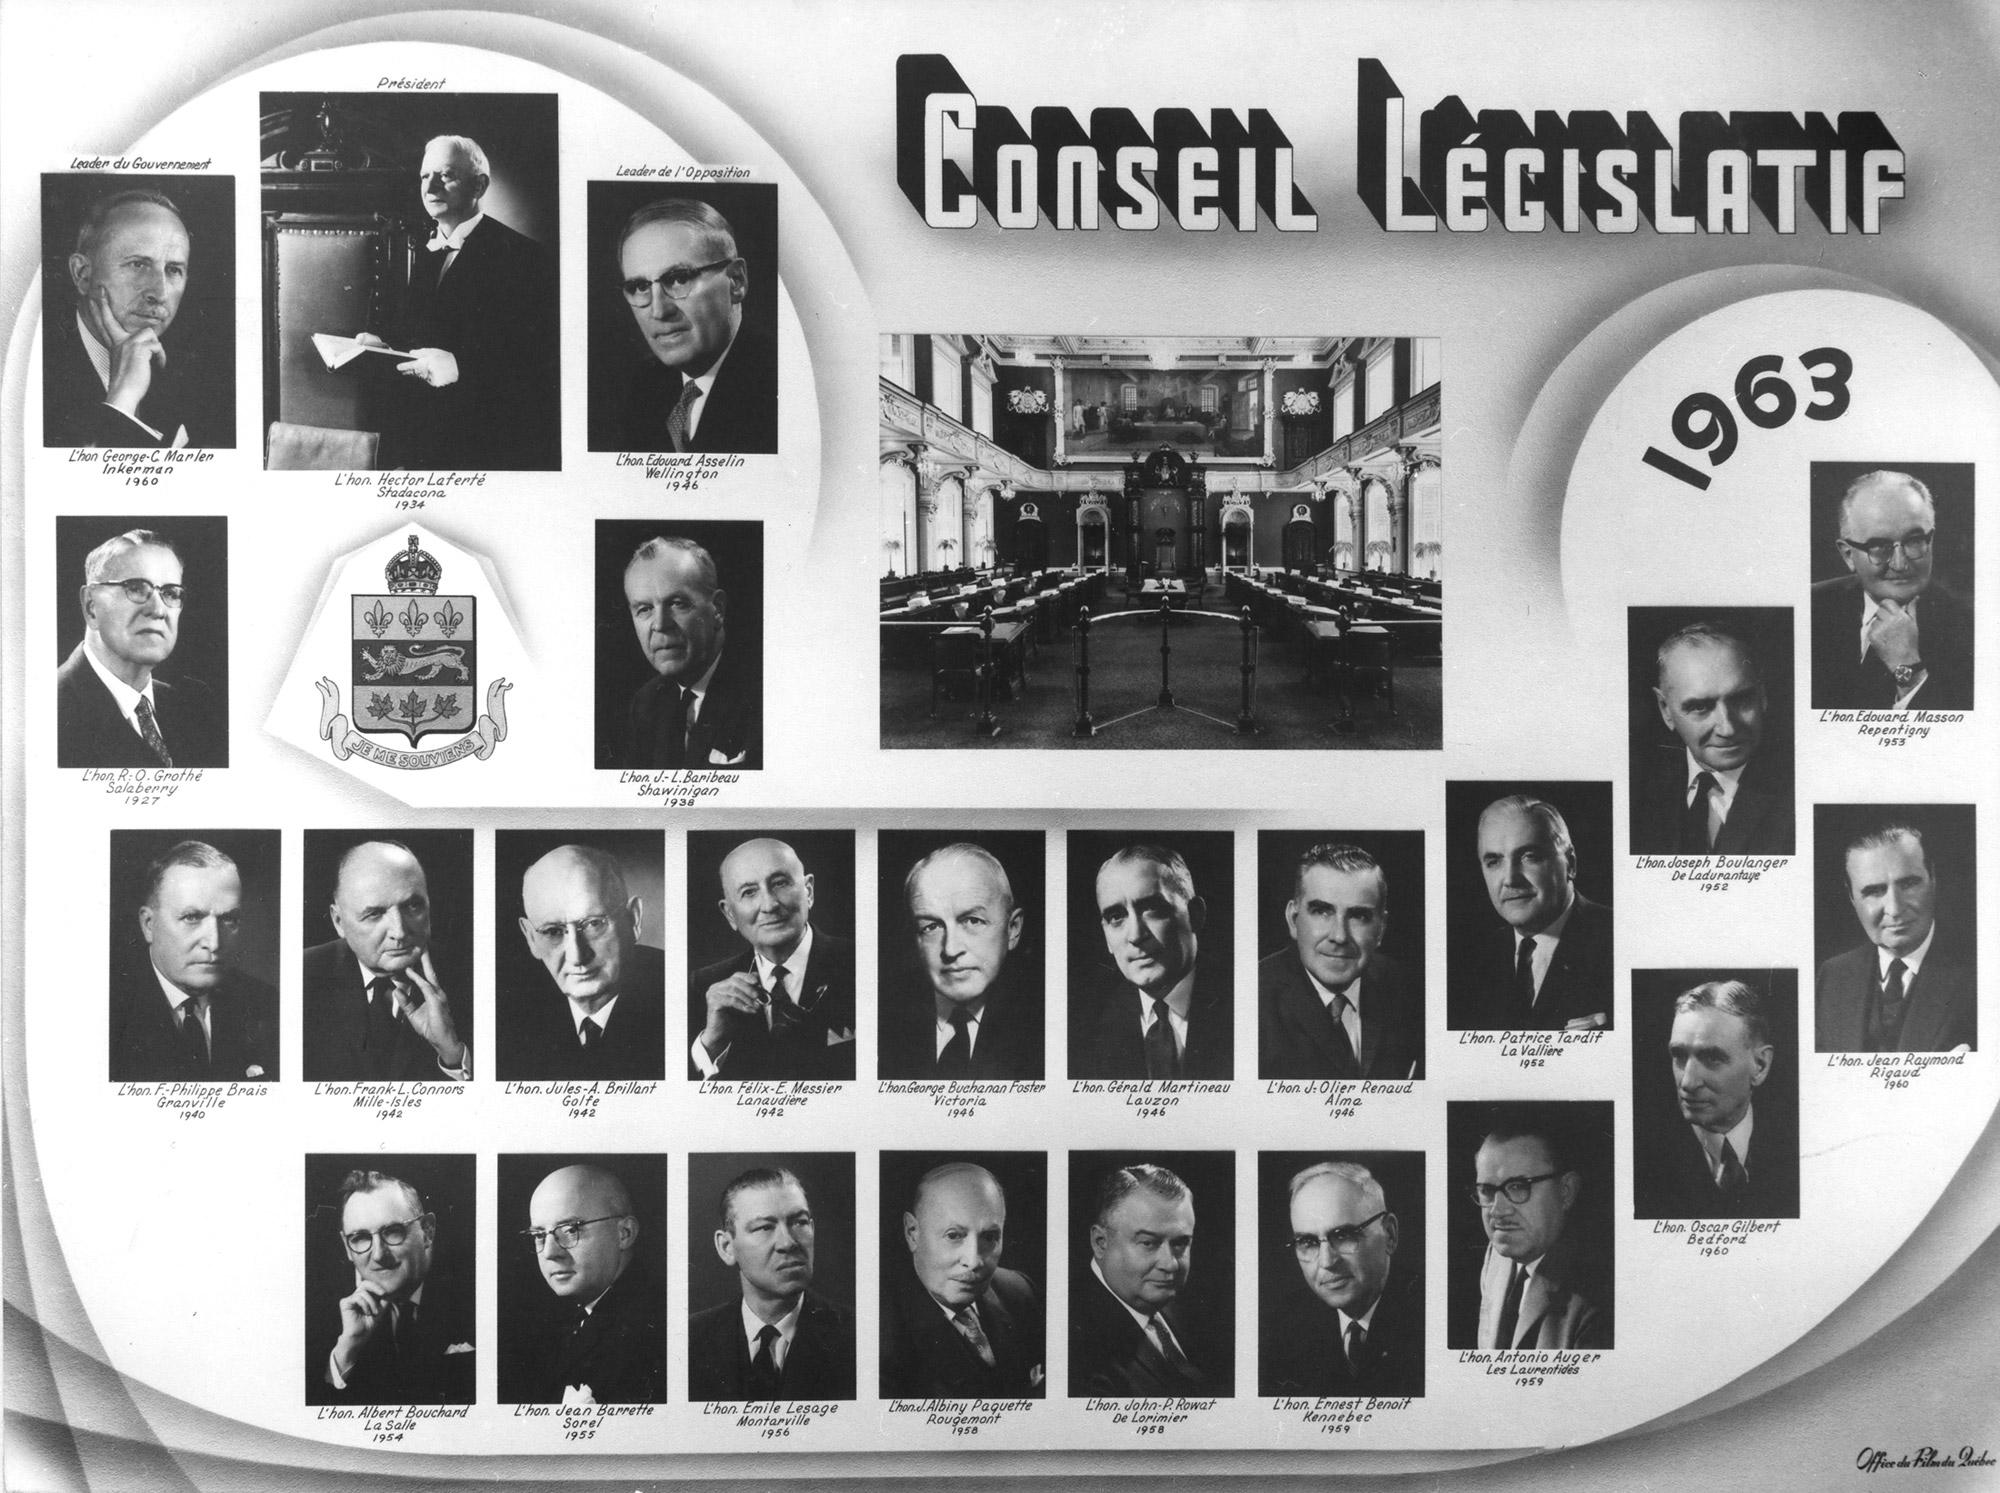 Mosaïque des conseillers législatifs de 1963.